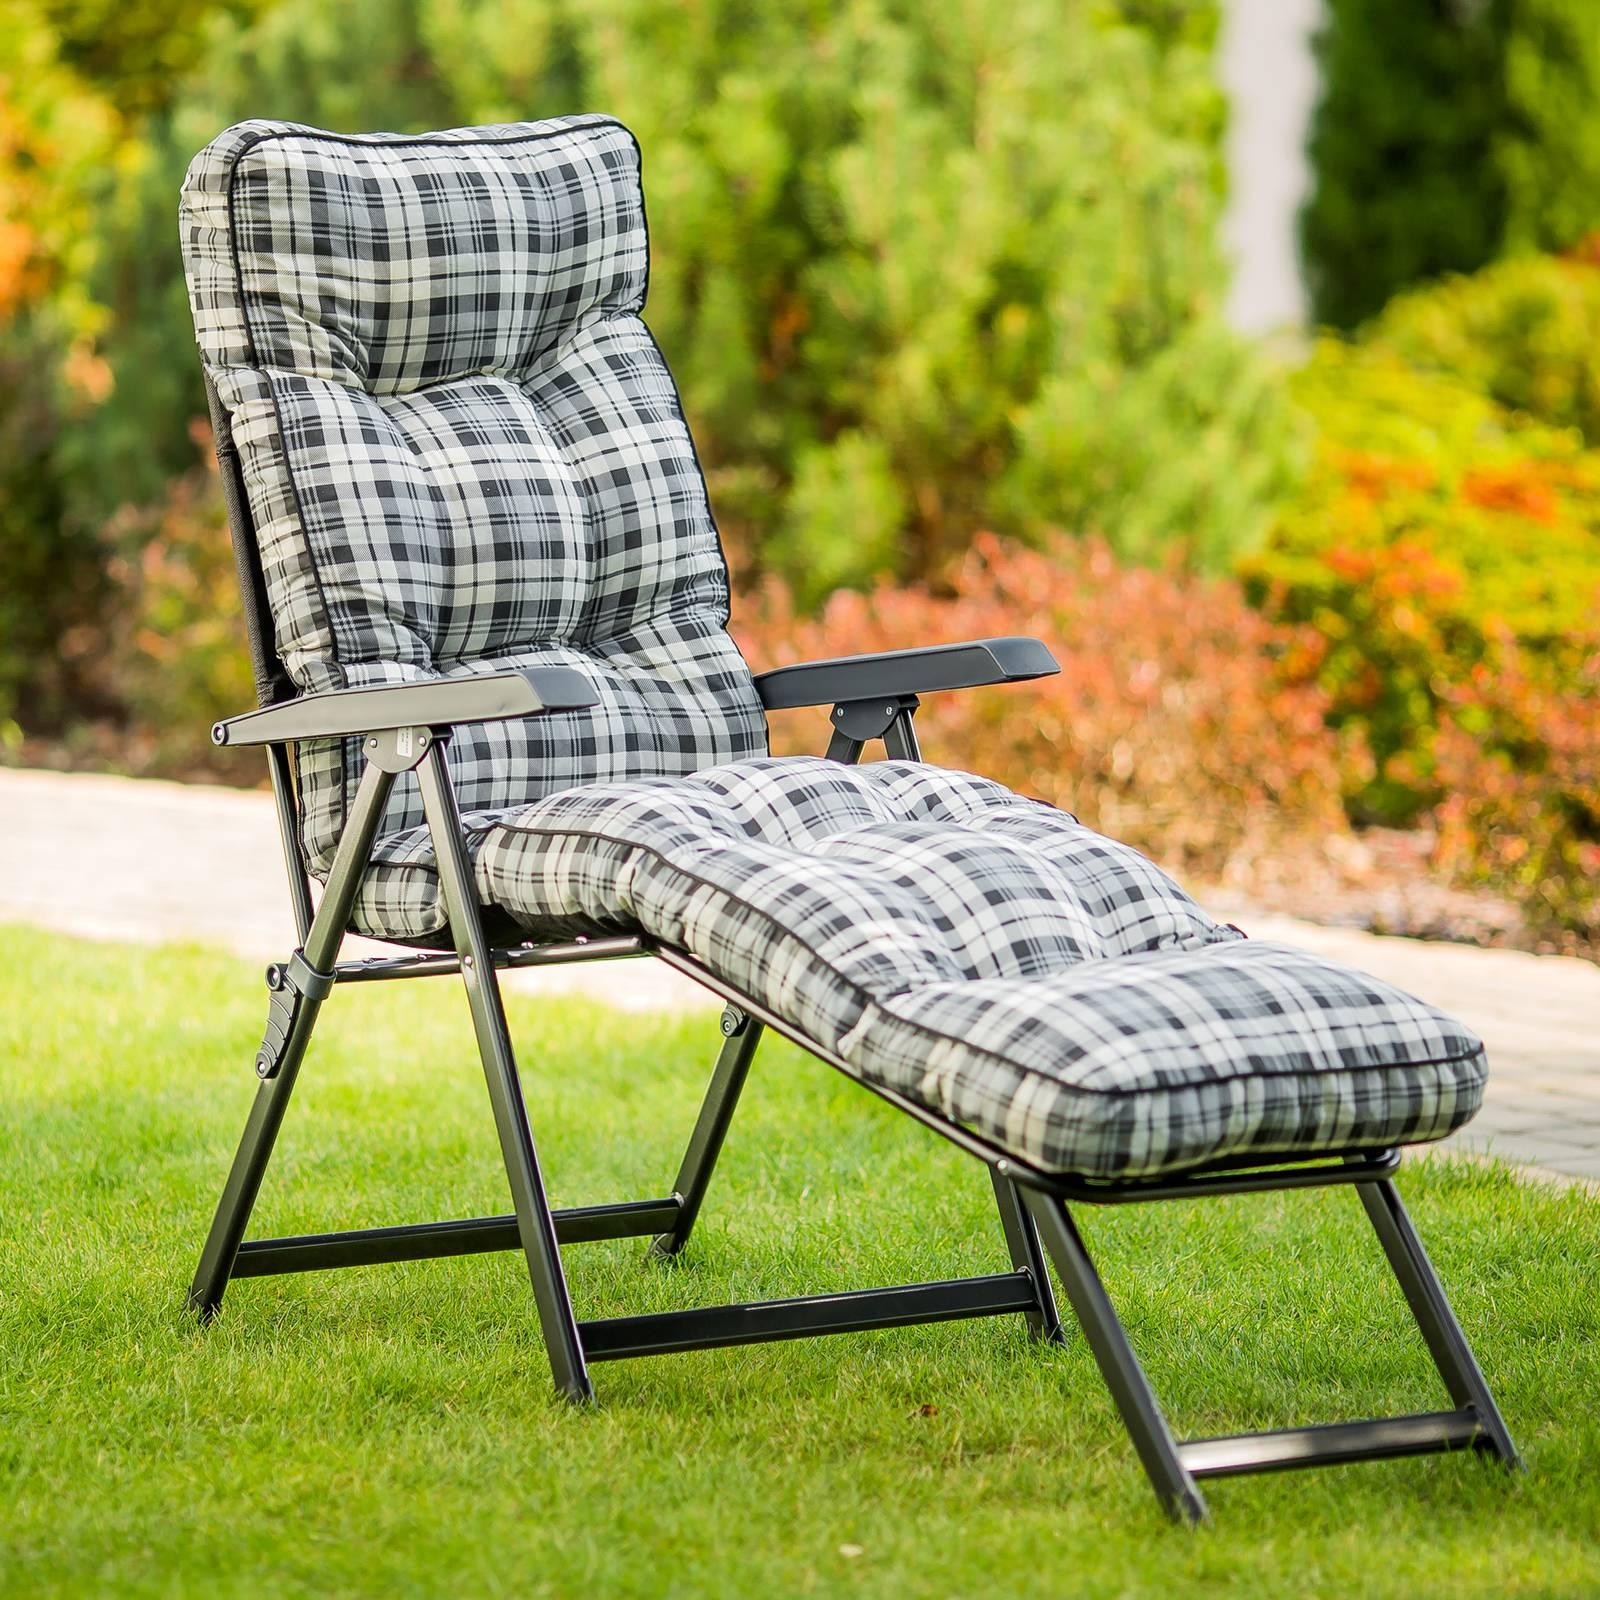 Transat chaise longue Lena Lounger B022-06PB PATIO